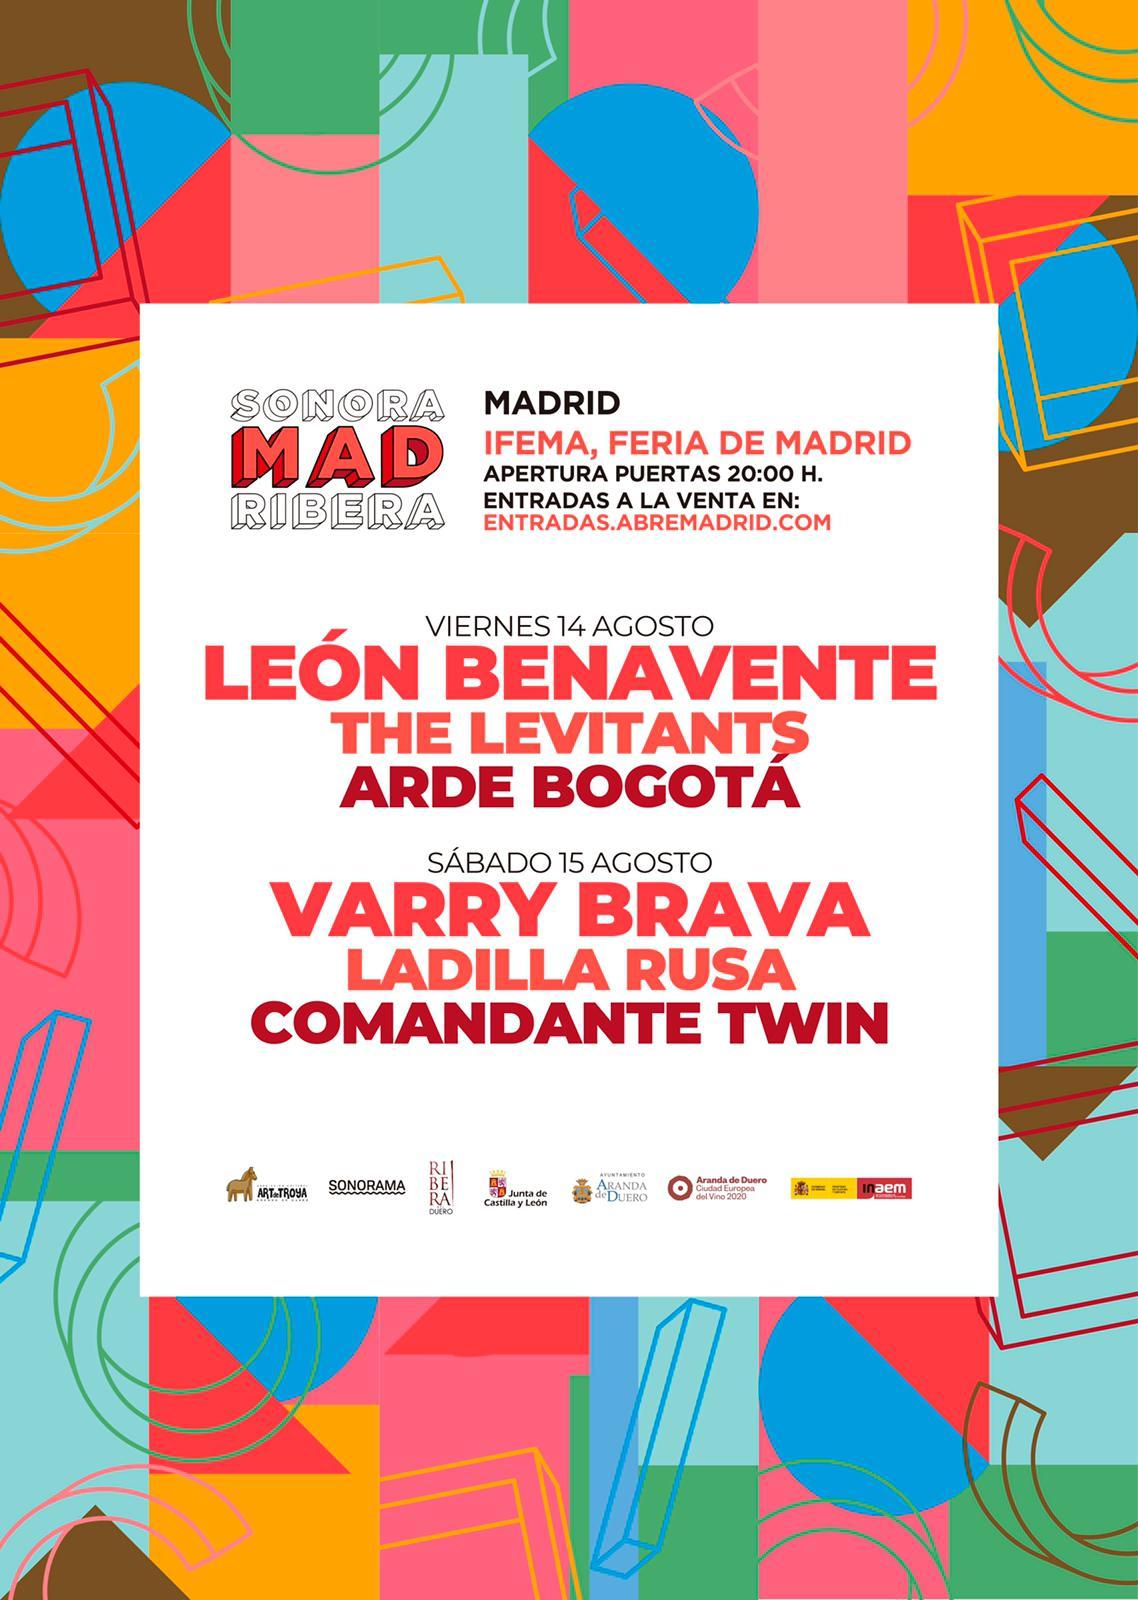 SonoraMad Ribera llega a Madrid los días 14 y 15 de agosto